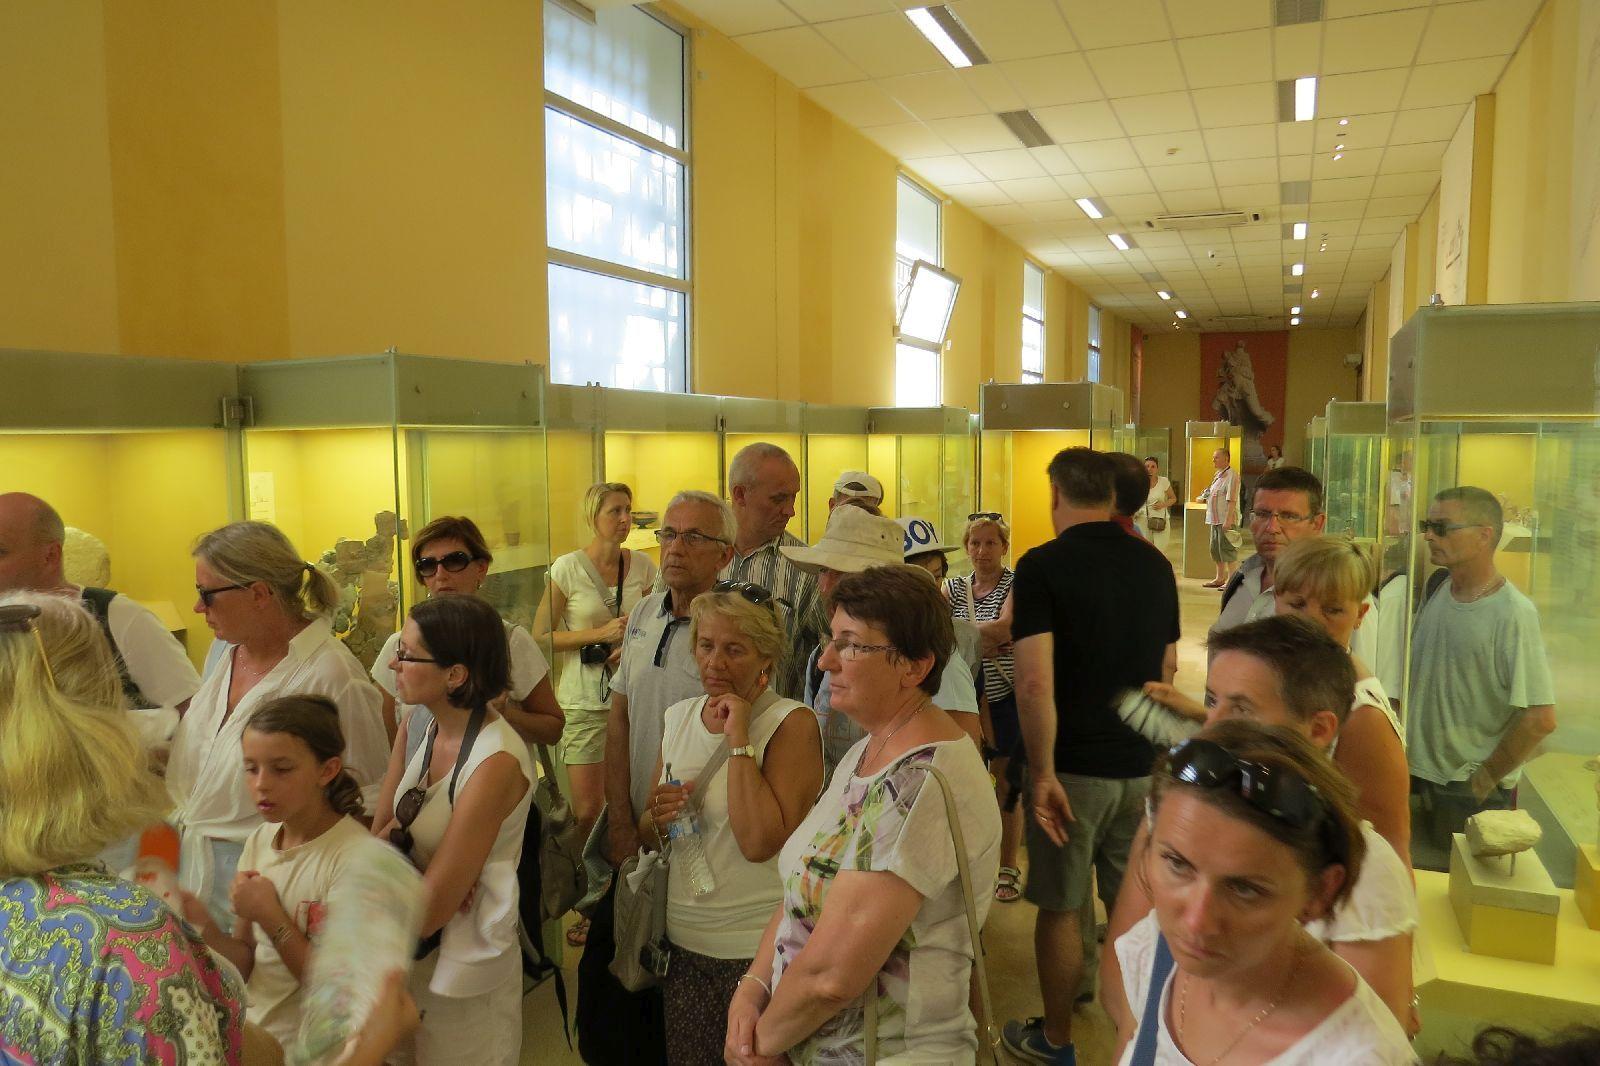 Oglądasz obraz z artykułu: Grecja bis - Ateny